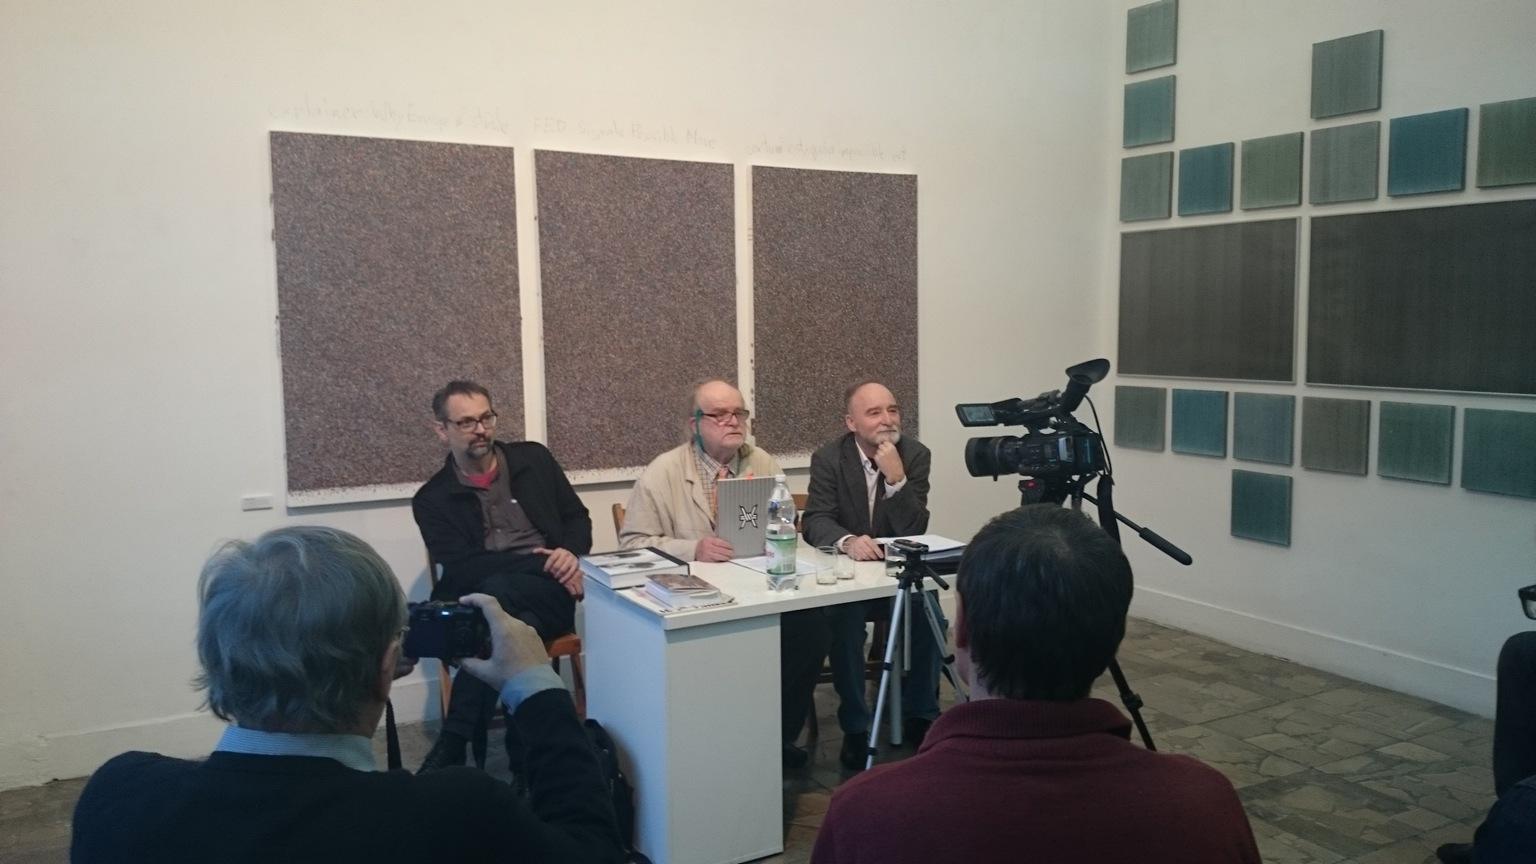 Dyskusja wgalerii XXI, odlewej: Sławomir Marze, Przemysław Kulik, Jan S. Wojciechowski